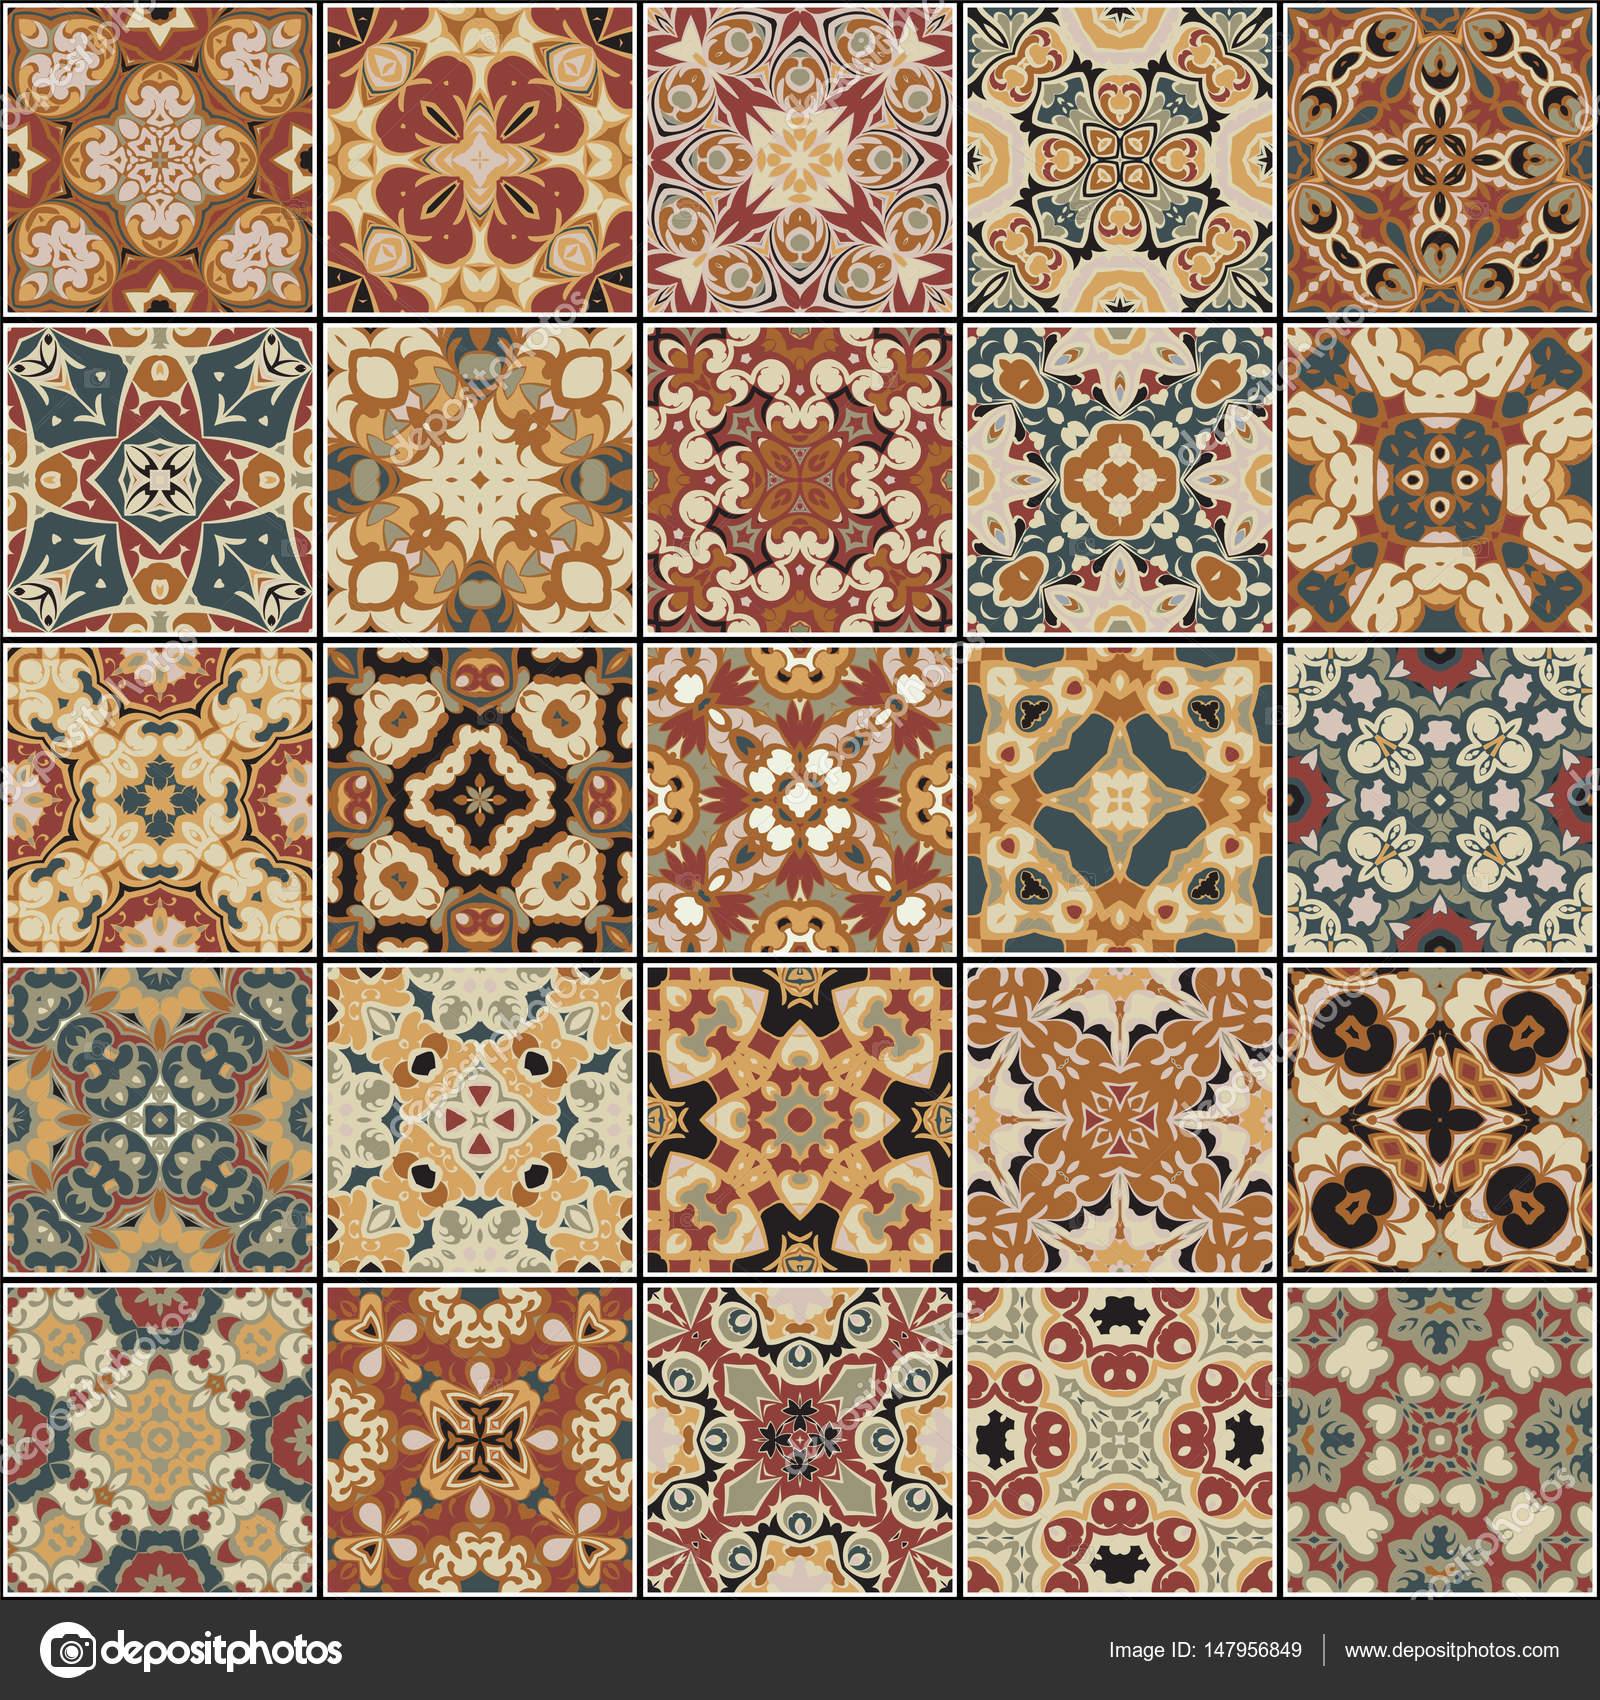 Colecci n de diferentes azulejos vintage vector de stock i0645495 147956849 - Azulejos vintage ...